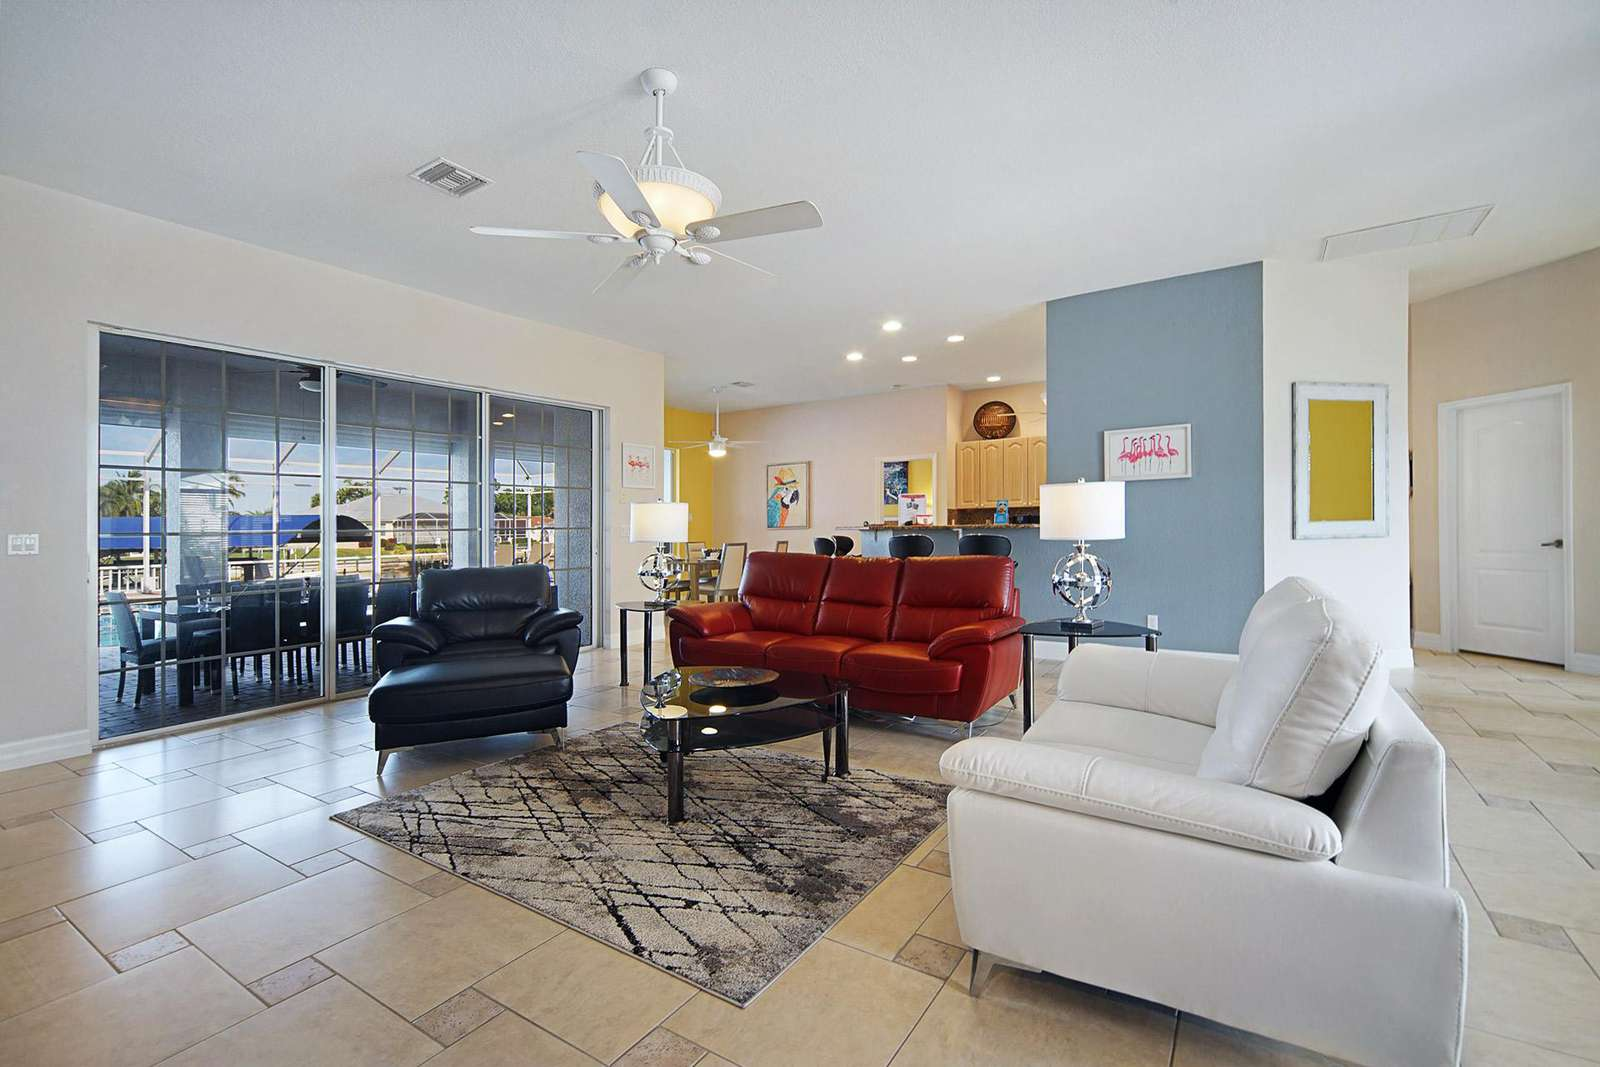 Wischis Florida Ferienhaus Ocean Pearl in Cape Coral - #Ferienhaus #CapeCoral #Hausverwaltung #Real Estate